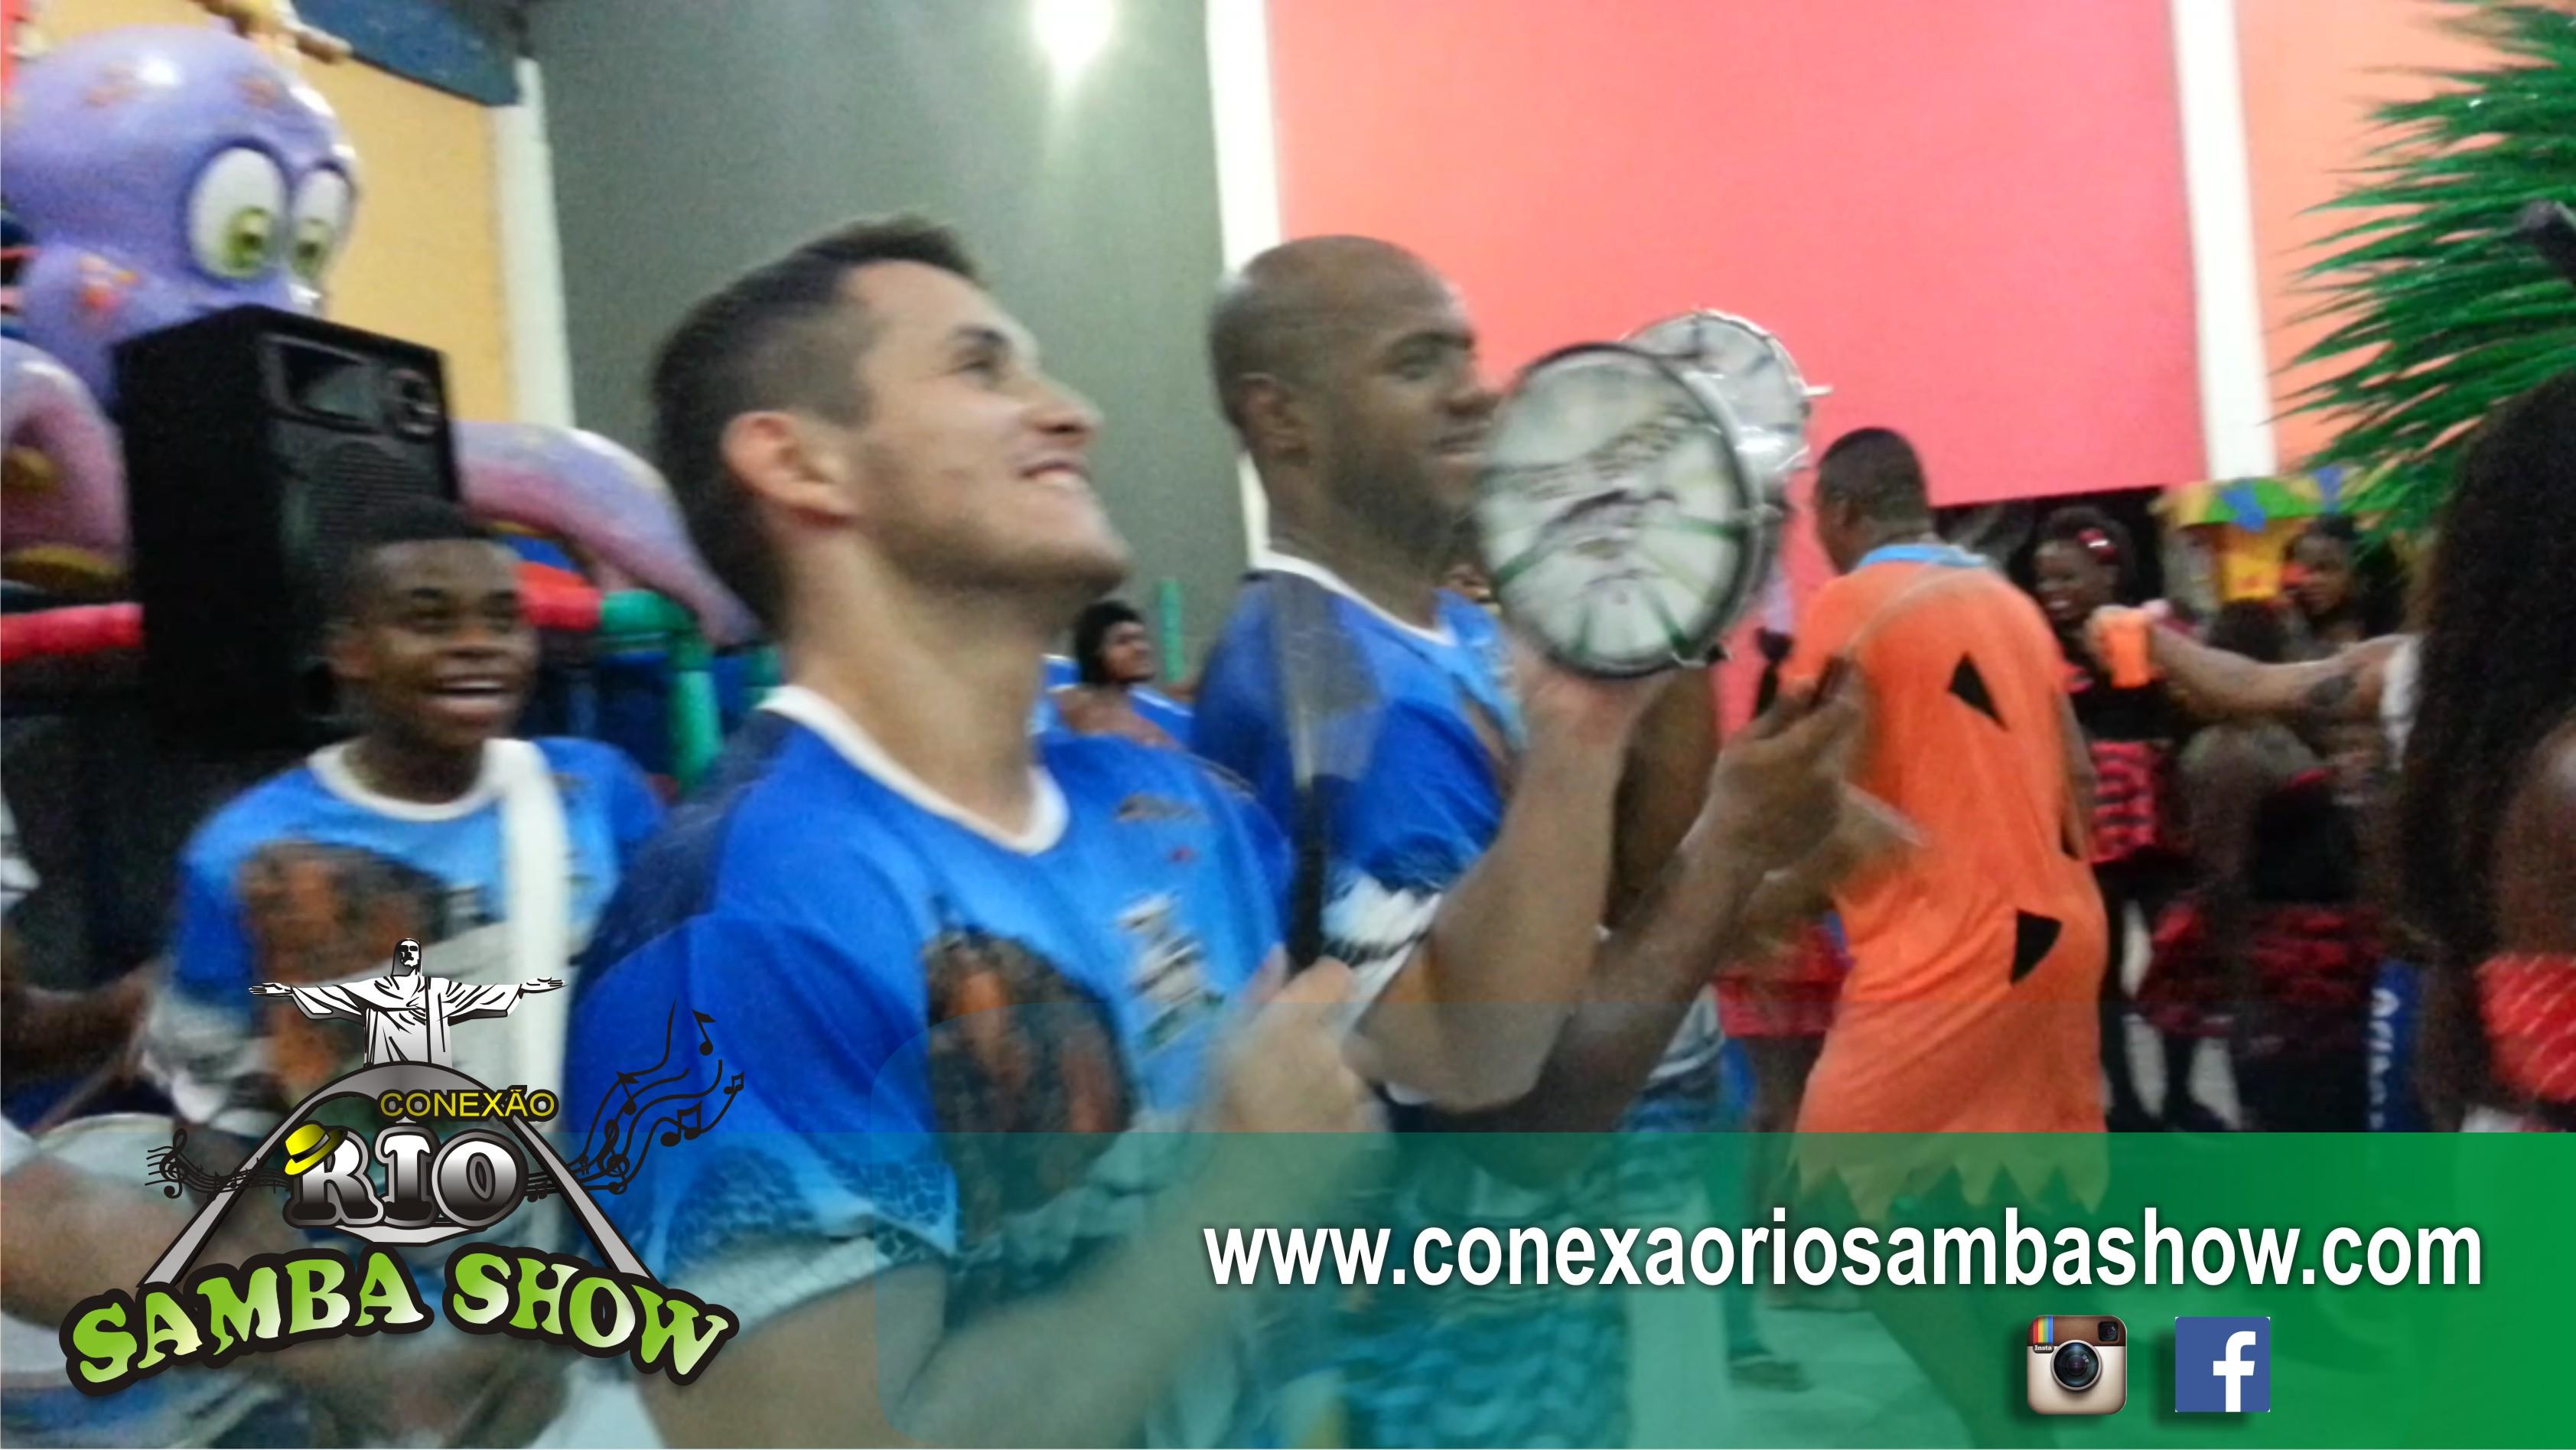 conexão_rio_samba_show_21.jpg